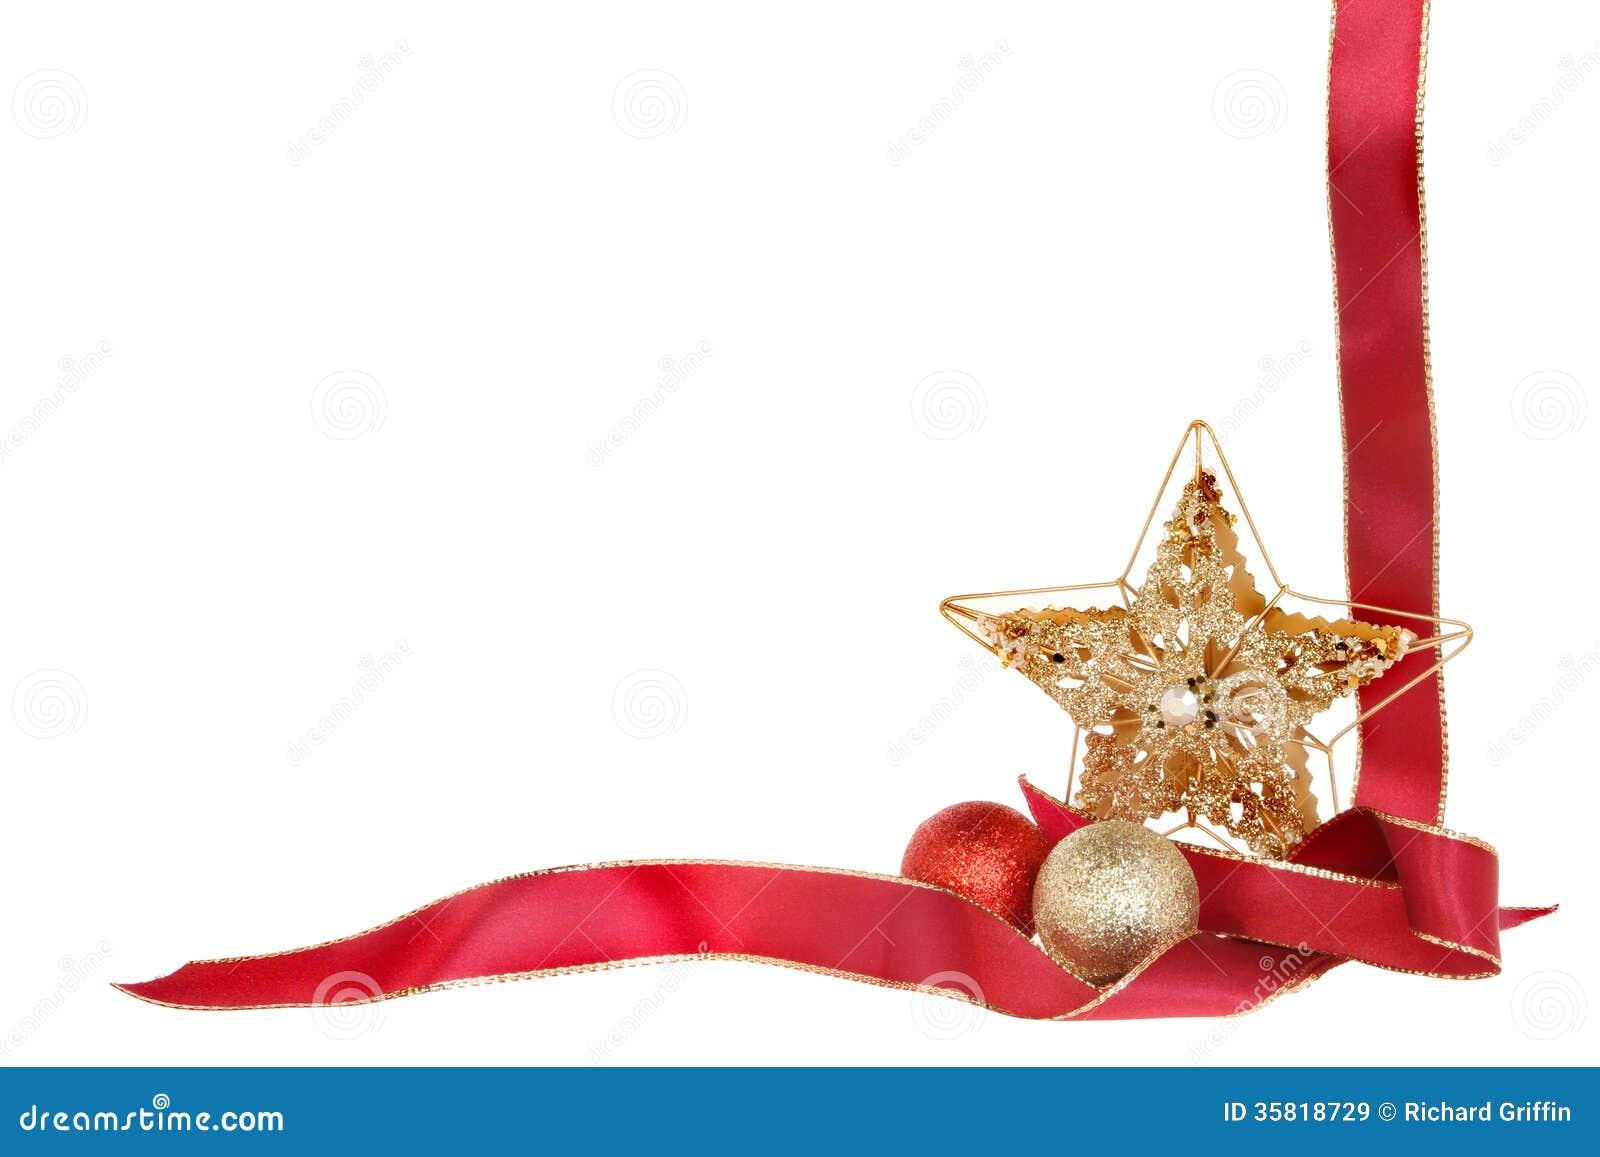 Christmas border stock image. Image of theme, festive ... - photo#42